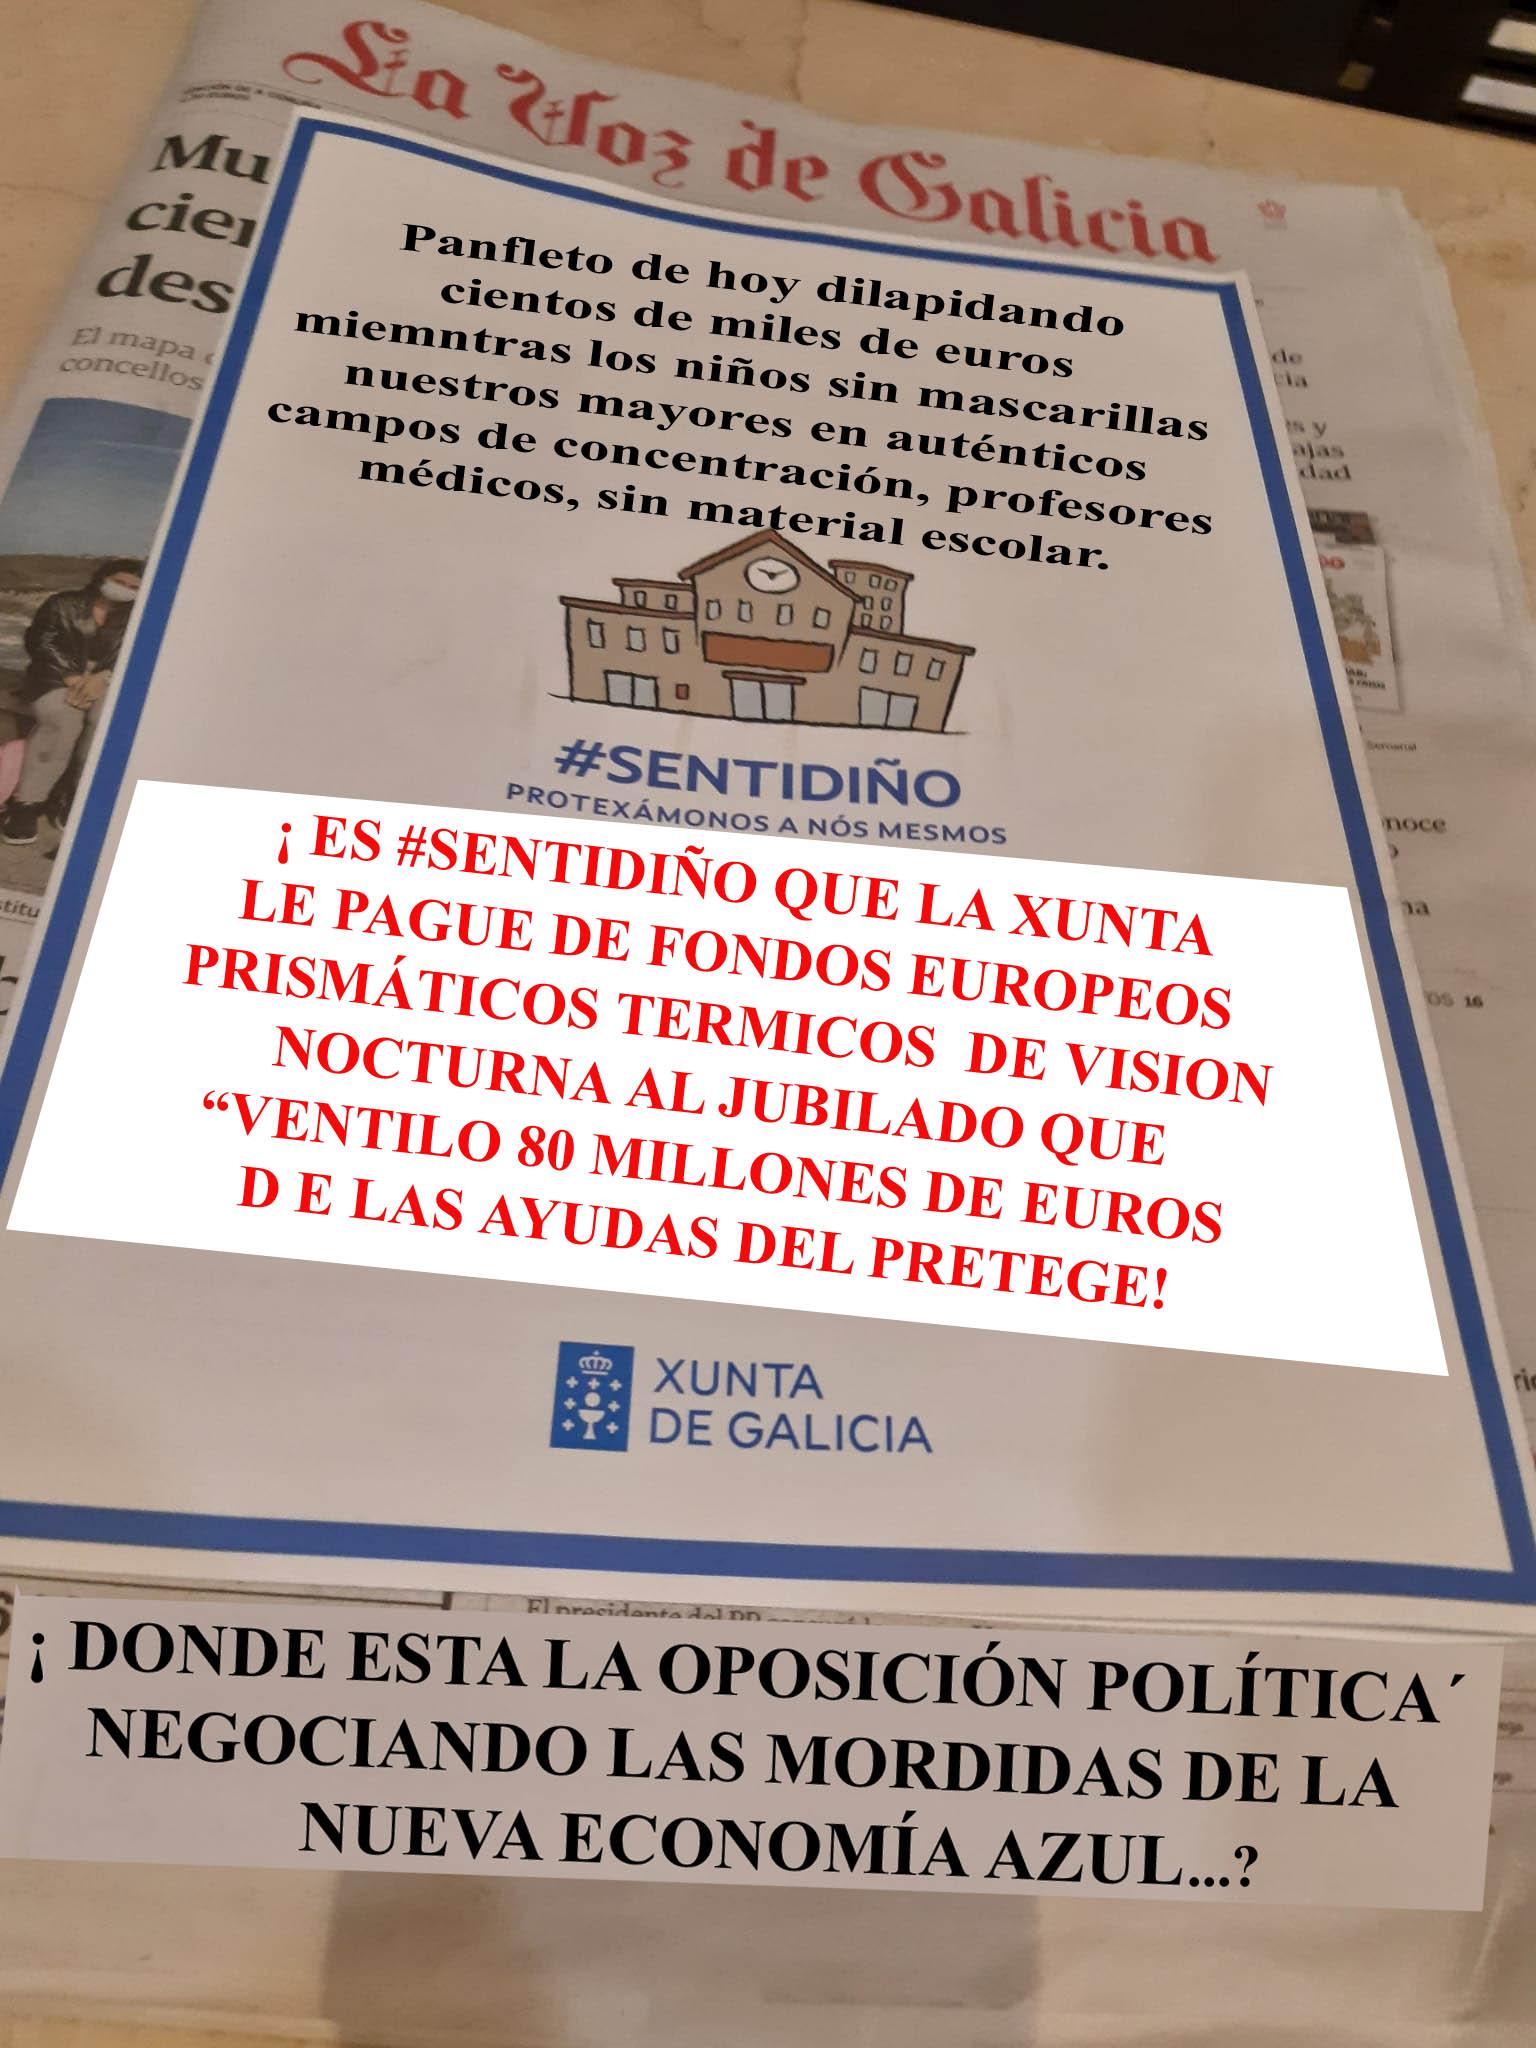 María del Mar Sigue dilapidando millones de euros en FAKE NEWS #sentidiño  para tapar los prismáticos térmicos de visión nocturna al jubilado de  Caión. - Xornal Galicia